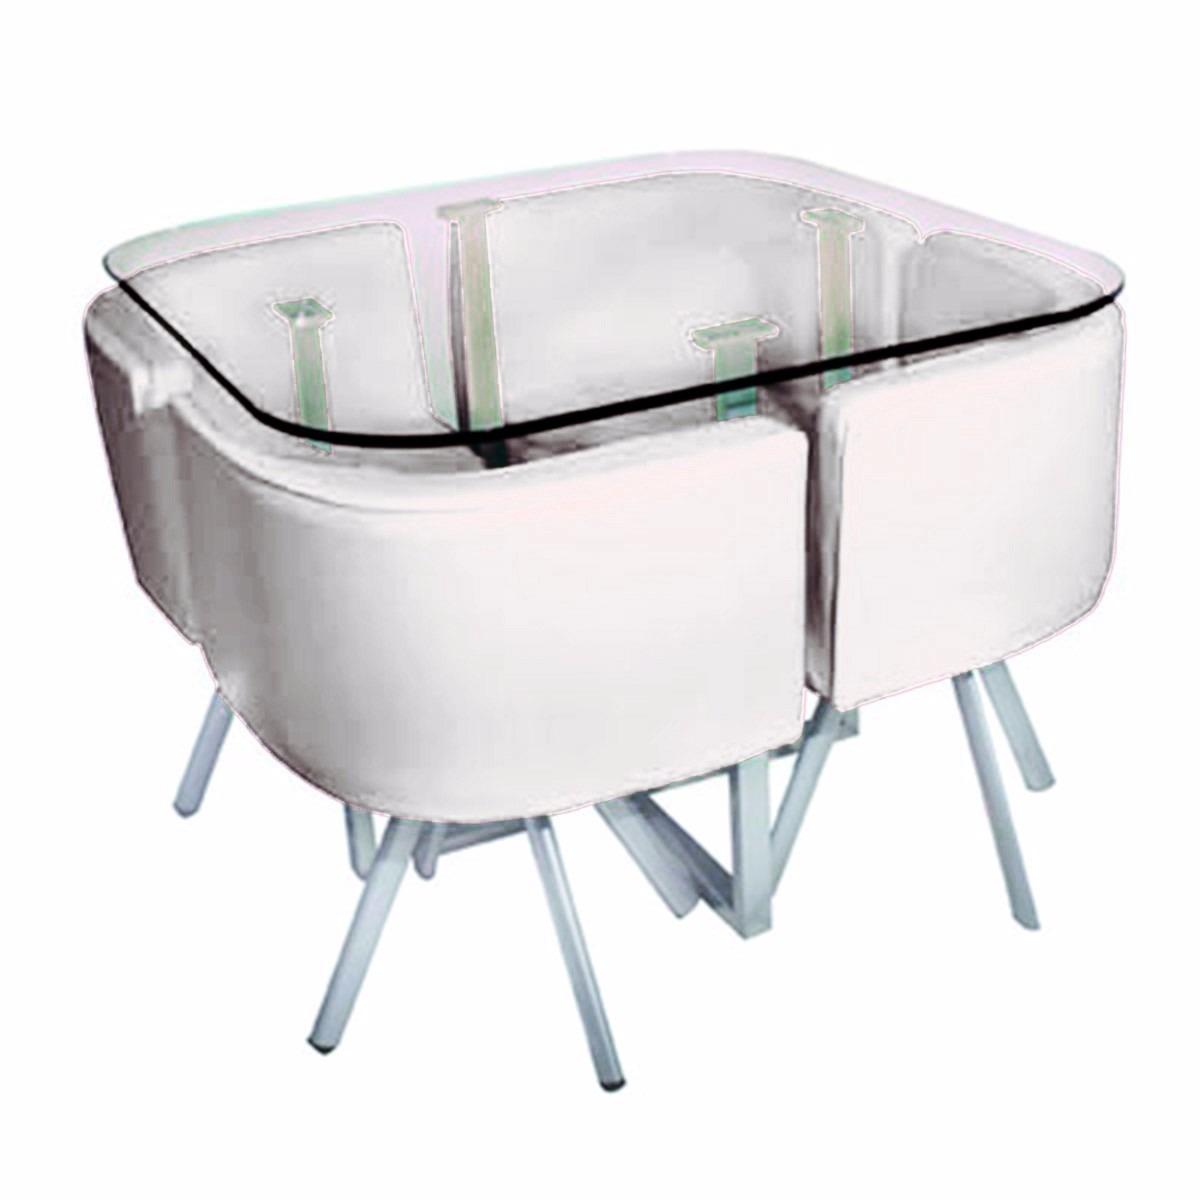 Juego de comedor mesa vidrio templado y 4 sillas for Juego de mesa y sillas para cocina comedor